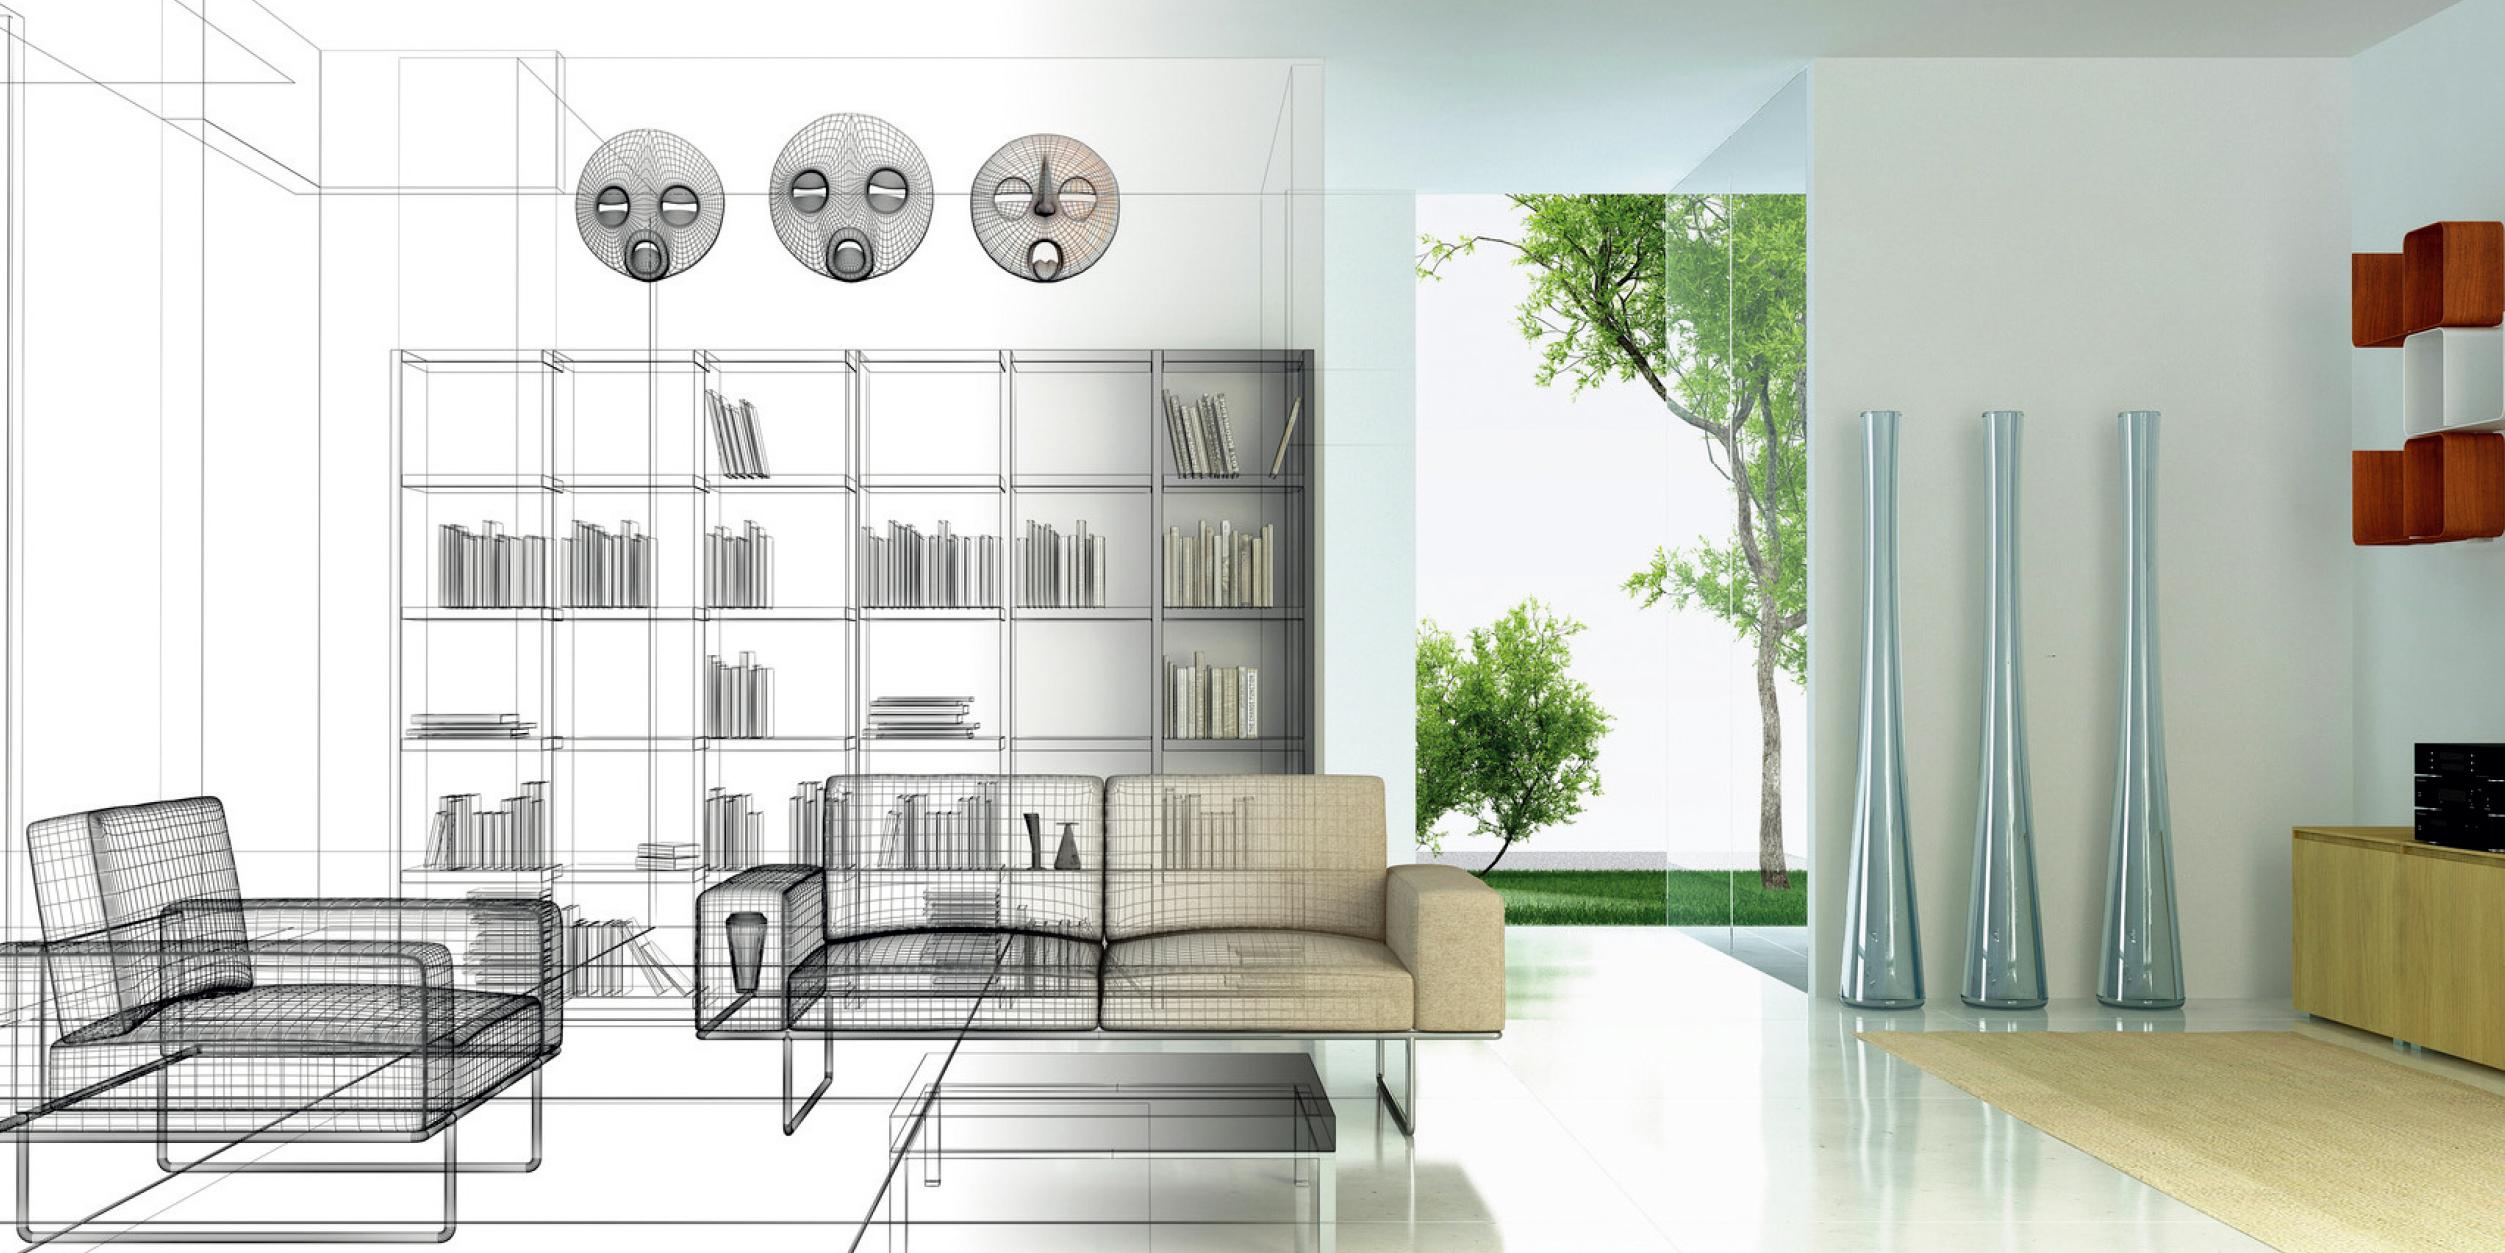 L Architecture D Intérieur architecture d'intérieur | eslap